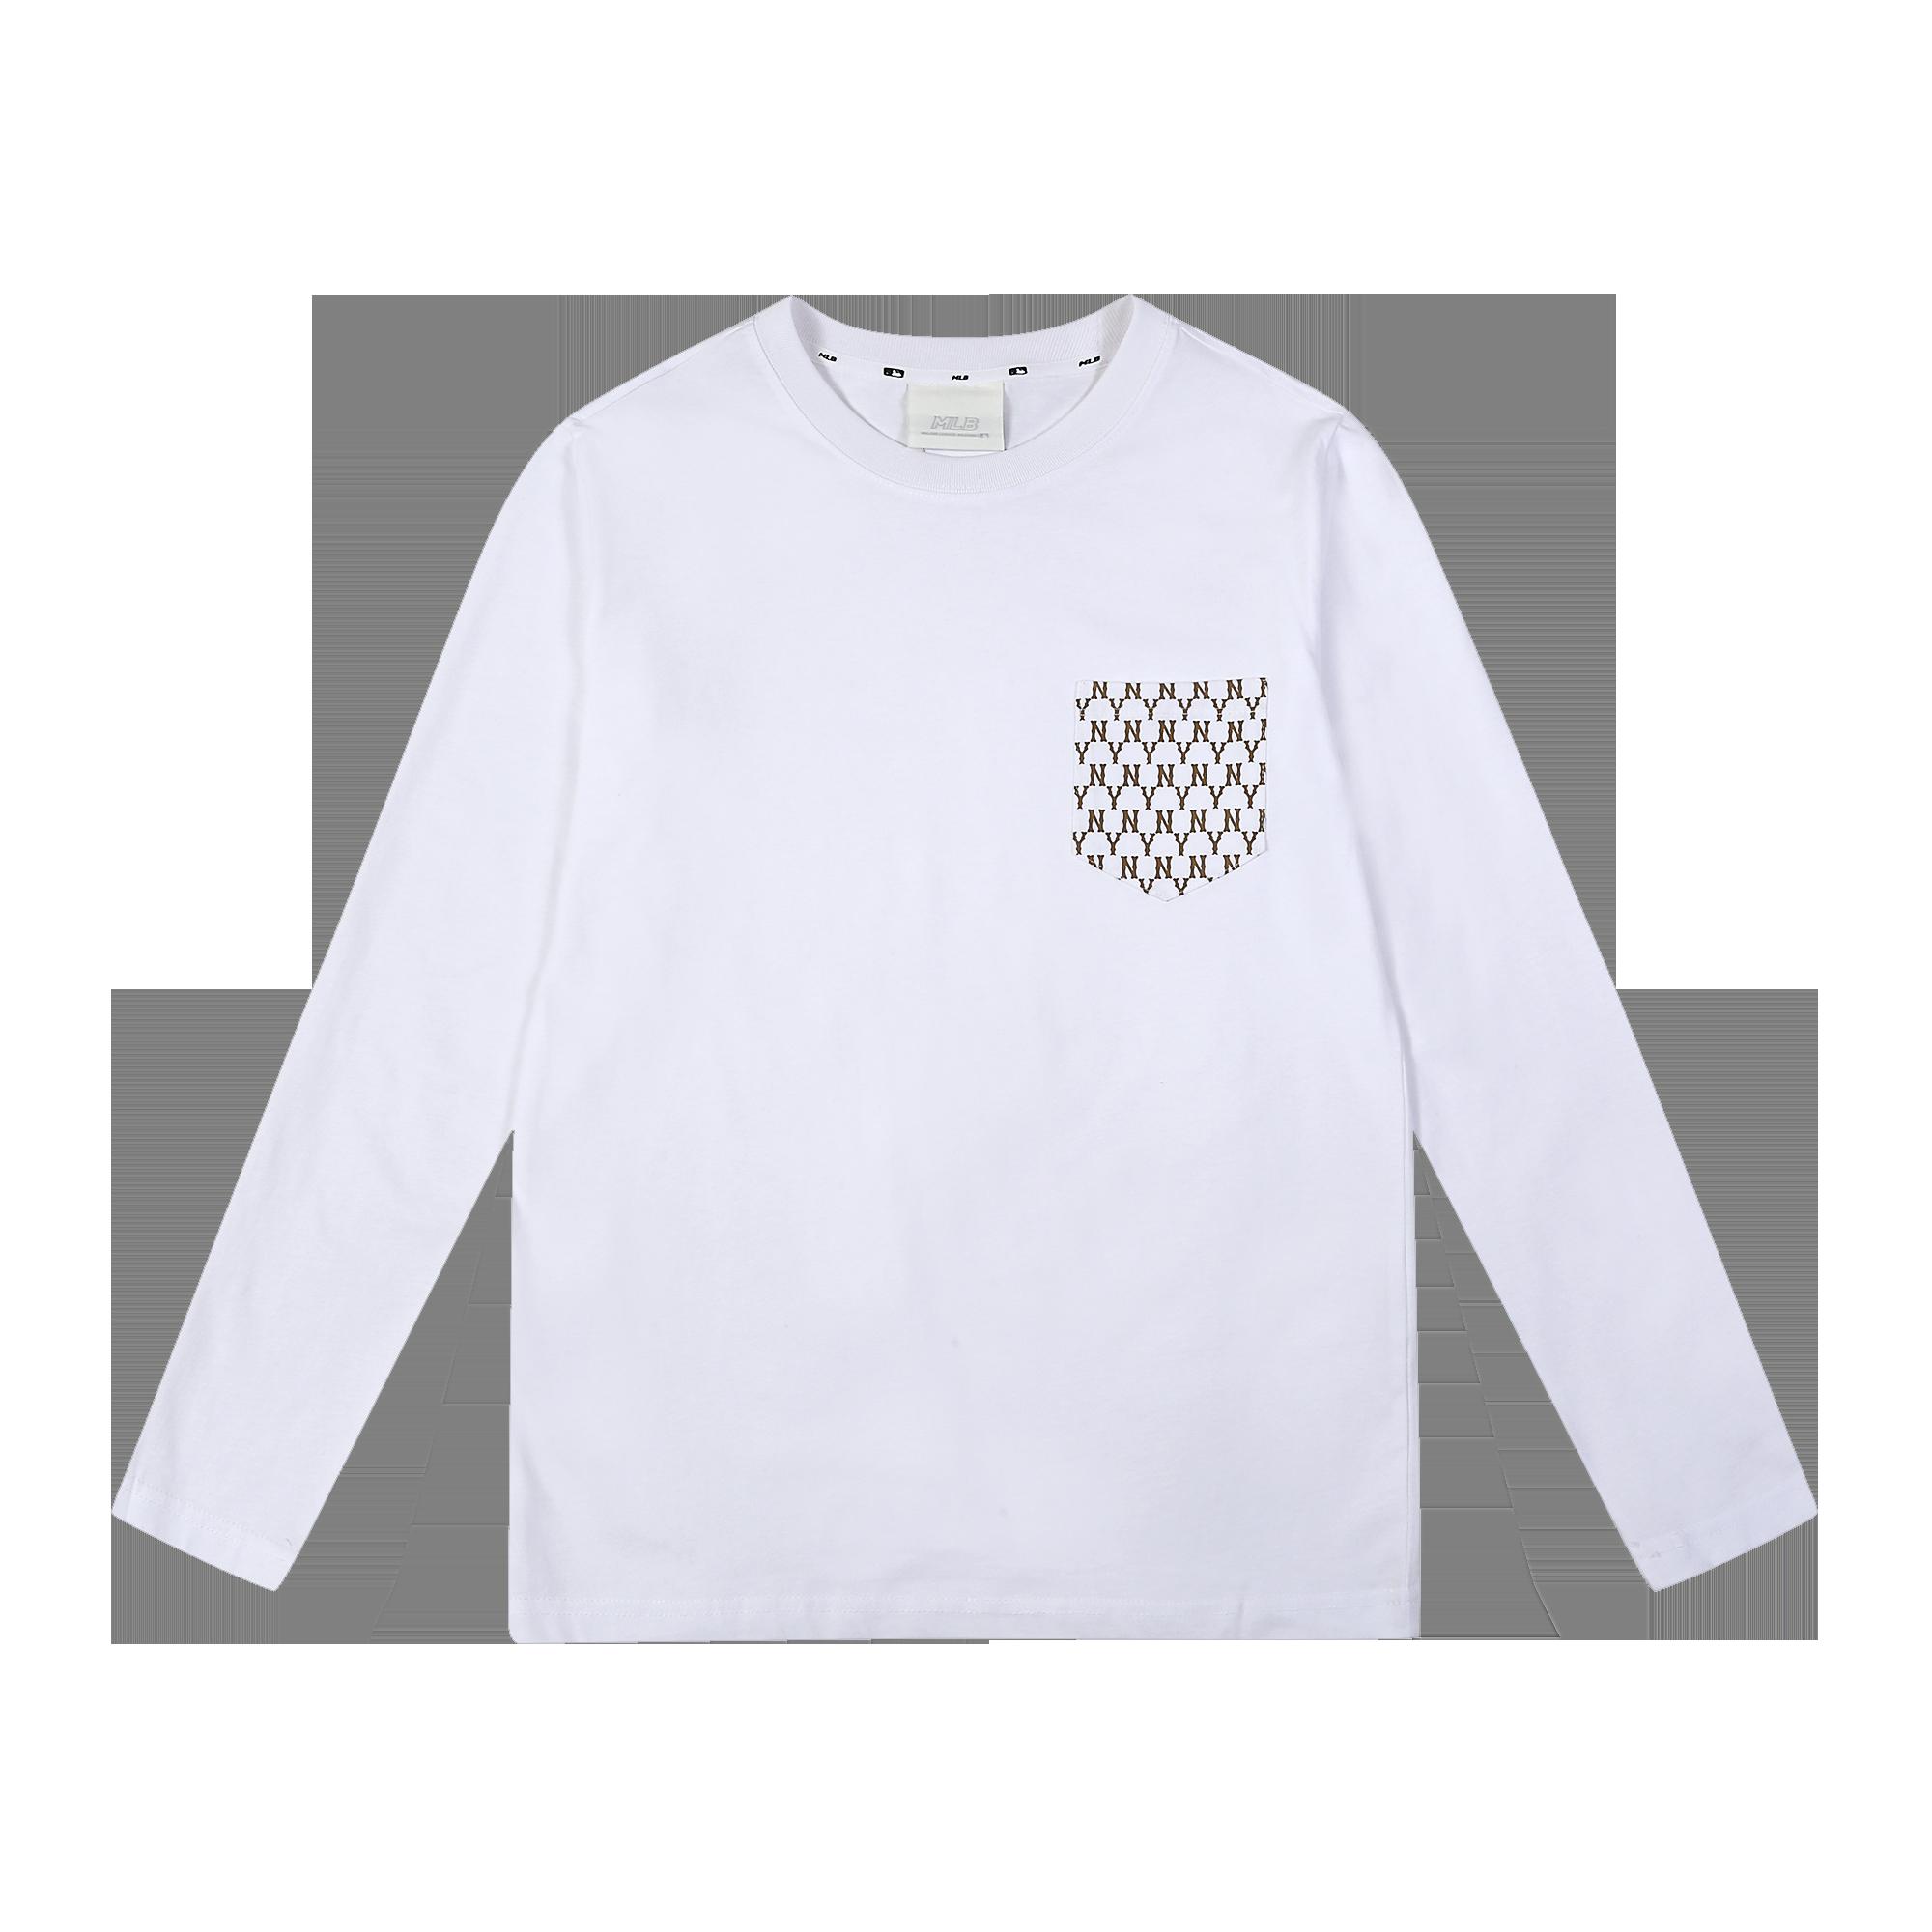 모노그램 포켓 긴팔 티셔츠 뉴욕양키스